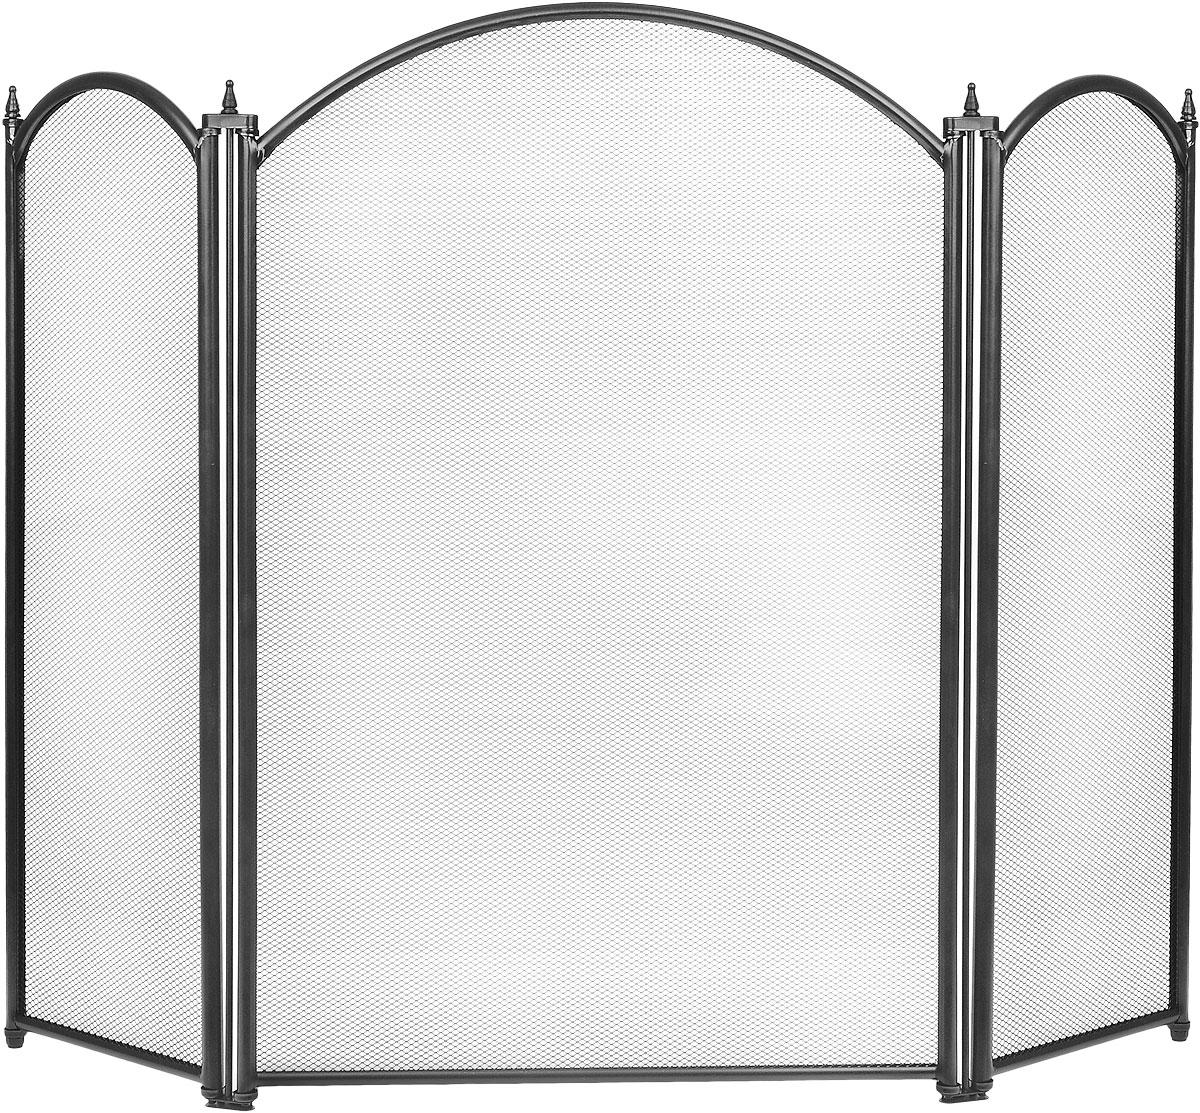 Экран каминный RealFlame, цвет: черный51041 BKКаминный экран RealFlame позволяет создать дополнительный эффект электрокамину, а так же создает дополнительный уют в доме и является незаменимым атрибутом, как современного очага так и классического. Изделие выполнено из высококачественного металла.Высота экрана: 68 см.Ширина экрана: 87 см.